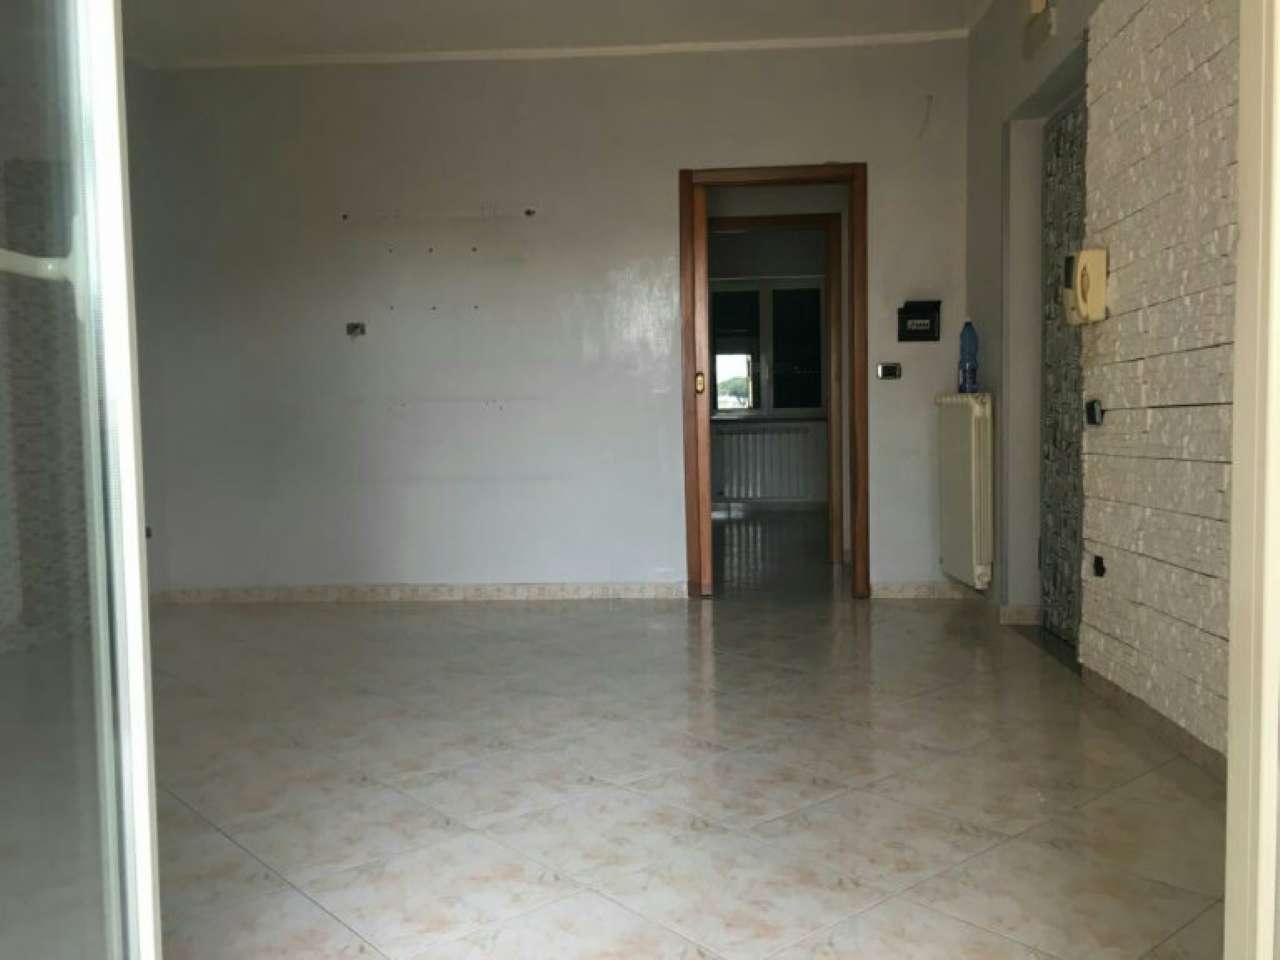 Appartamento in vendita a Cercola, 2 locali, prezzo € 115.000 | CambioCasa.it